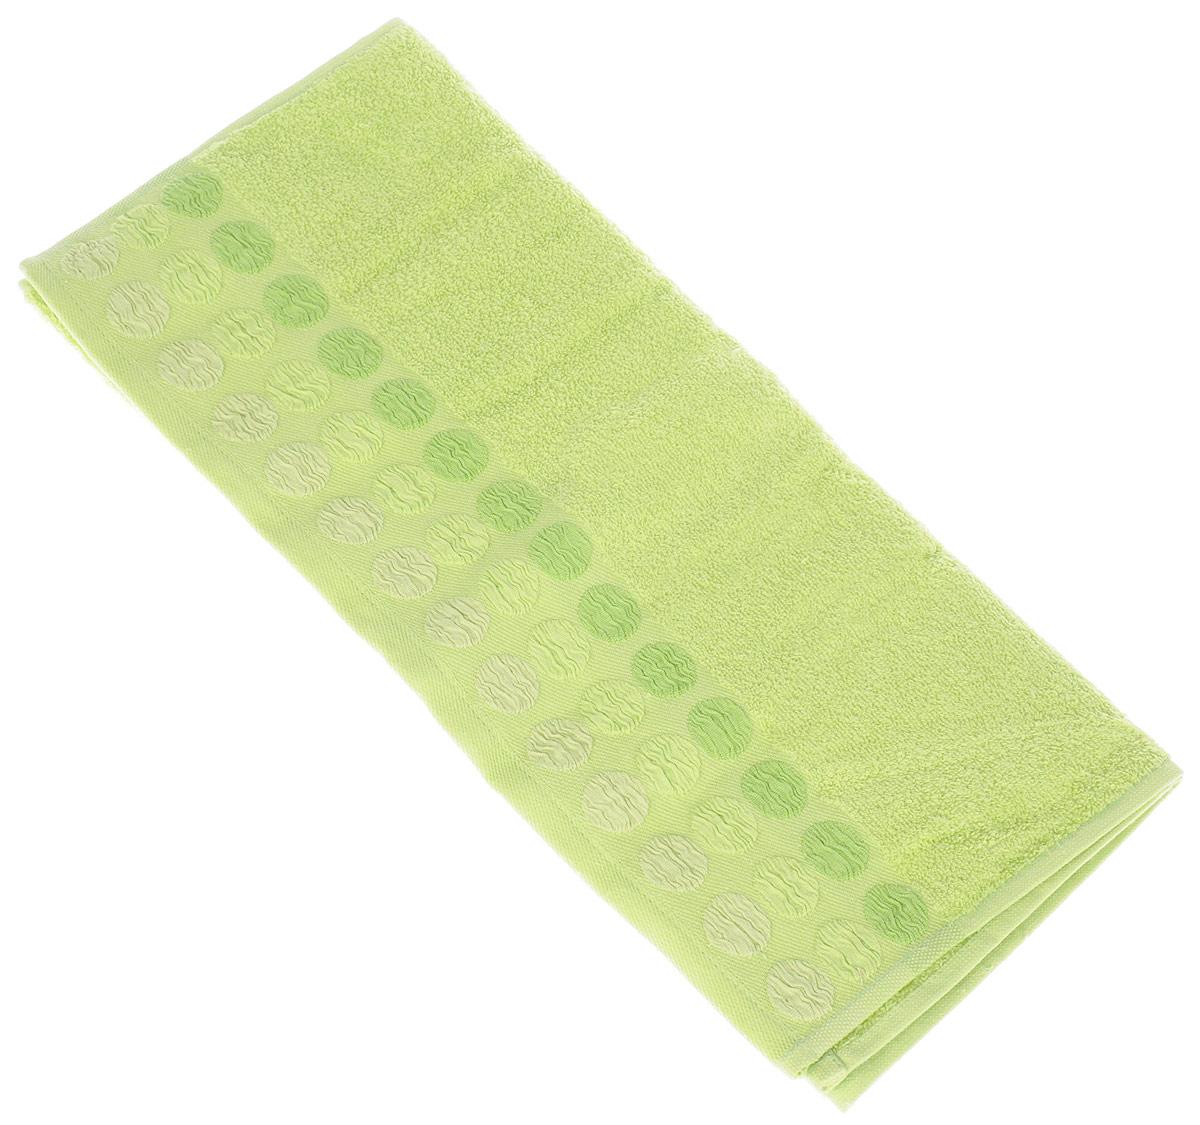 Полотенце Brielle Point, цвет: зеленый, 50 х 90 см68/5/1Полотенце Brielle Point выполнено из 100% хлопка. Изделие очень мягкое, оно отлично впитывает влагу, быстро сохнет, сохраняет яркость цвета и не теряет формы даже после многократных стирок. Модель оформлена рисунком.Полотенце Brielle Point очень практично и неприхотливо в уходе. Такое полотенце послужит приятным подарком.